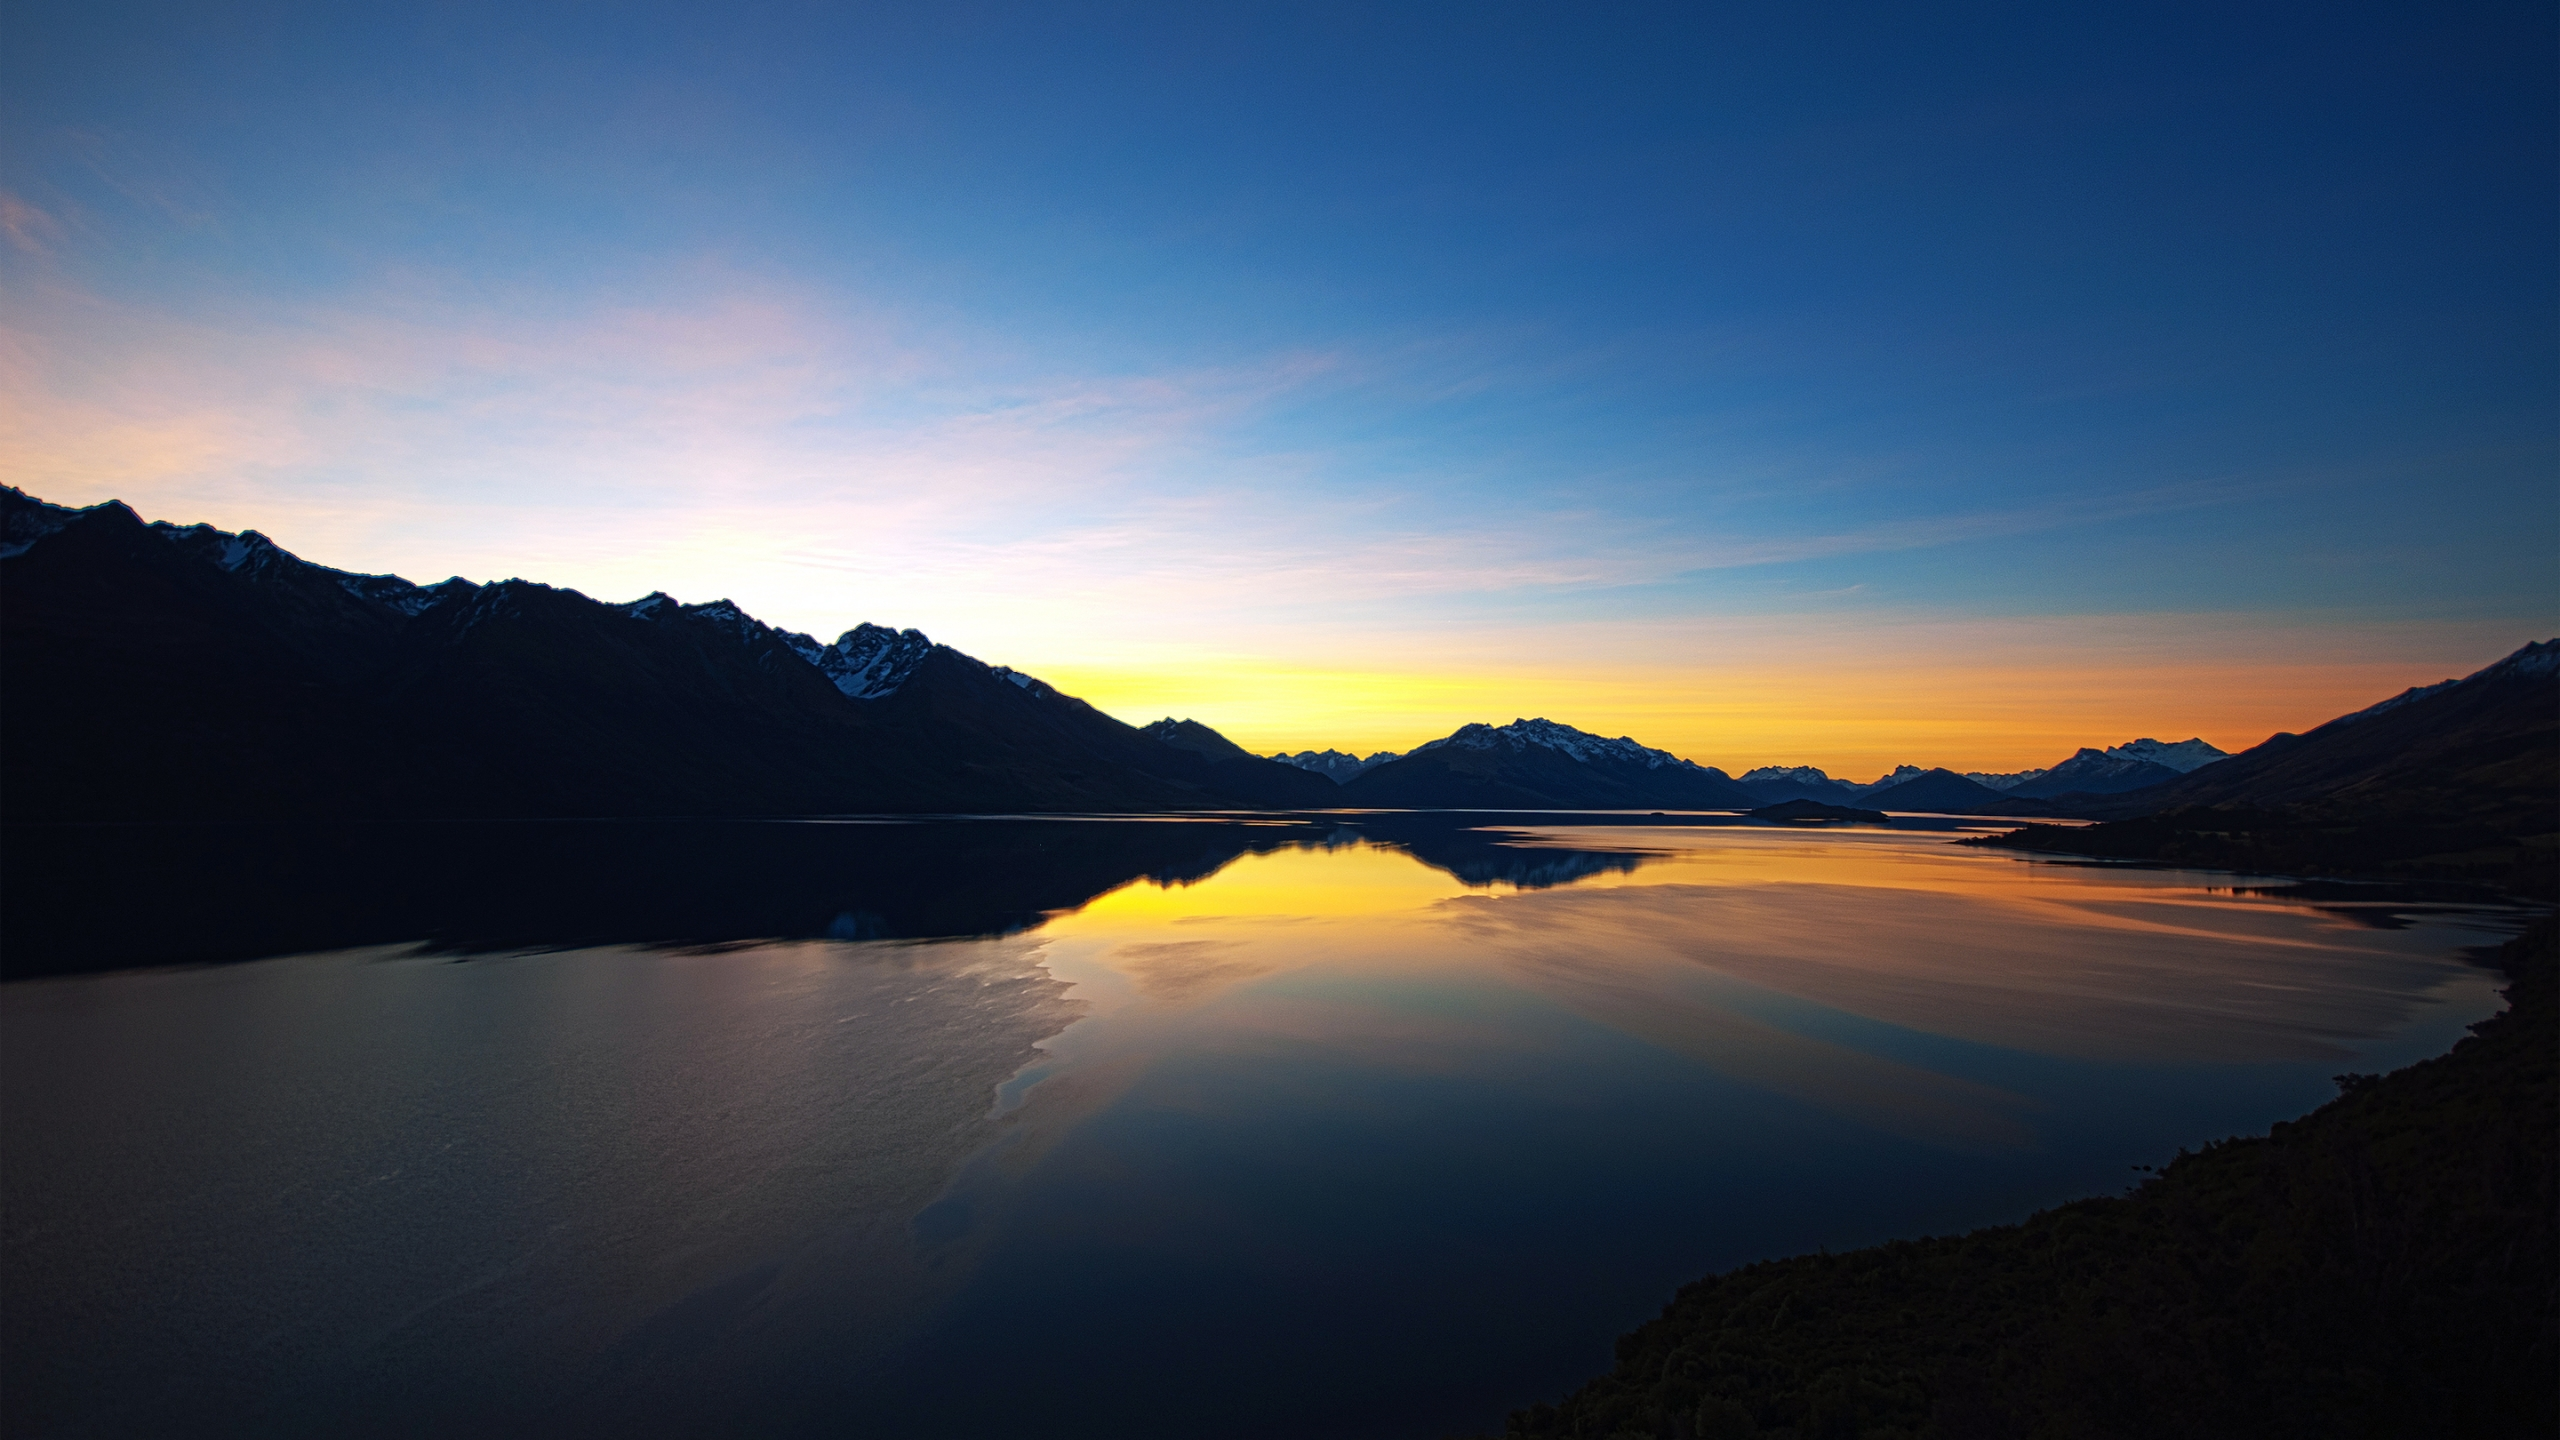 Lake Sunset Hd 2560x1440 Paisajes Rios Y Lagos